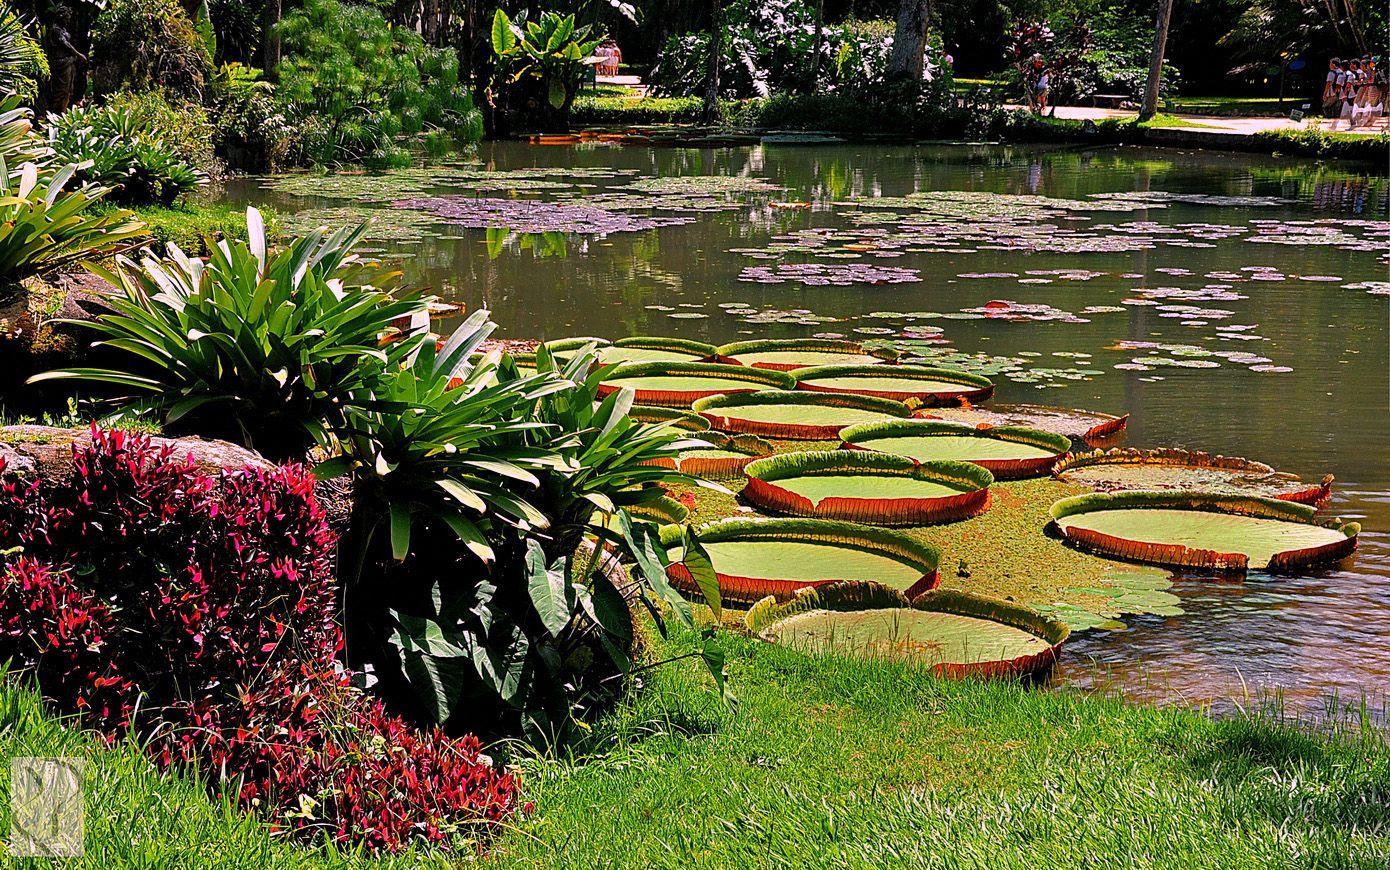 beautiful jardim botanico garden image rio de janeiro